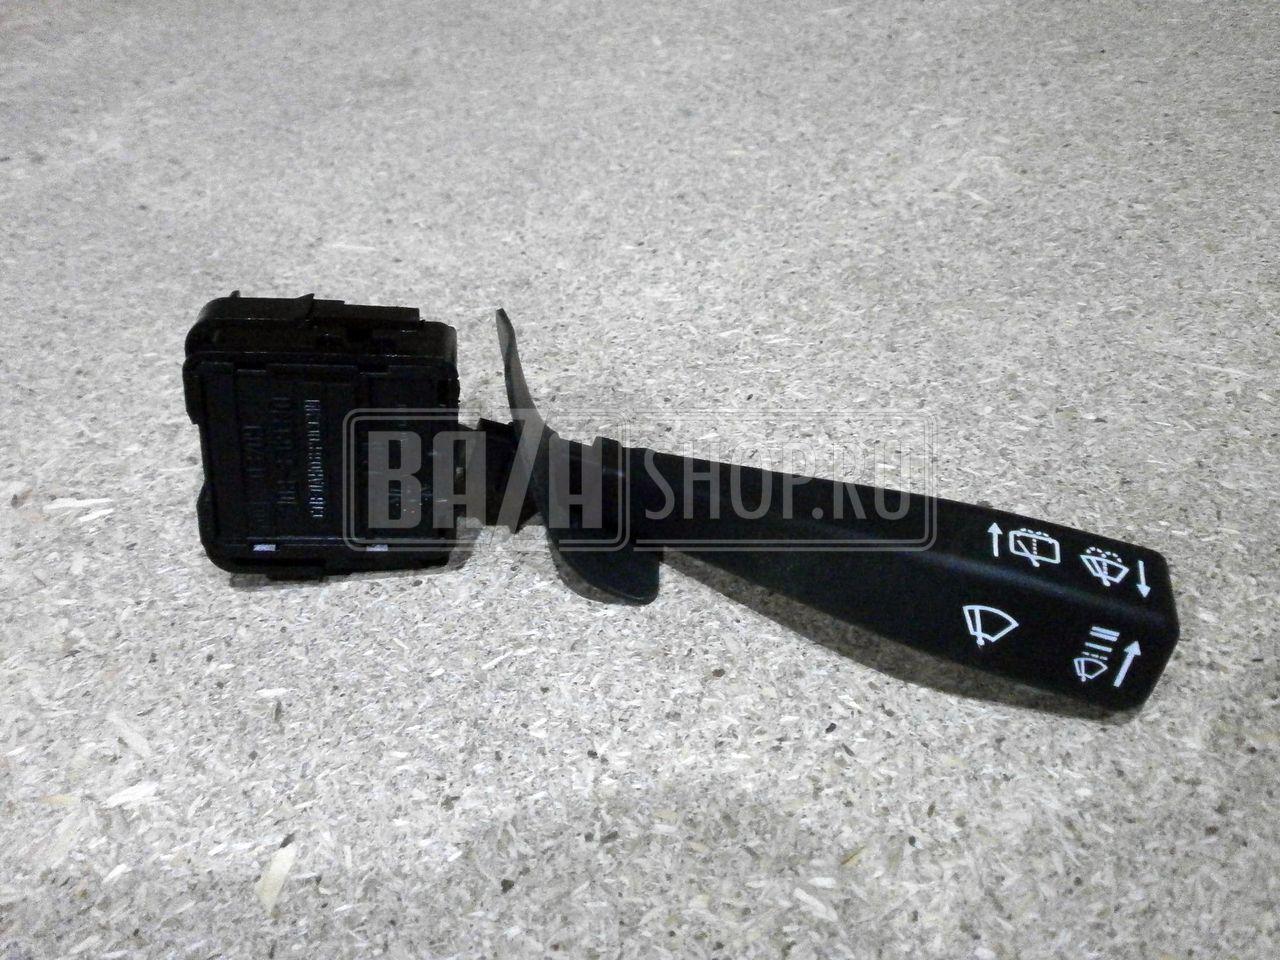 Рычаг переключателя стеклоочистителя/омывателя переключателя подрулевого УАЗ PATRIOT / 701.3709.